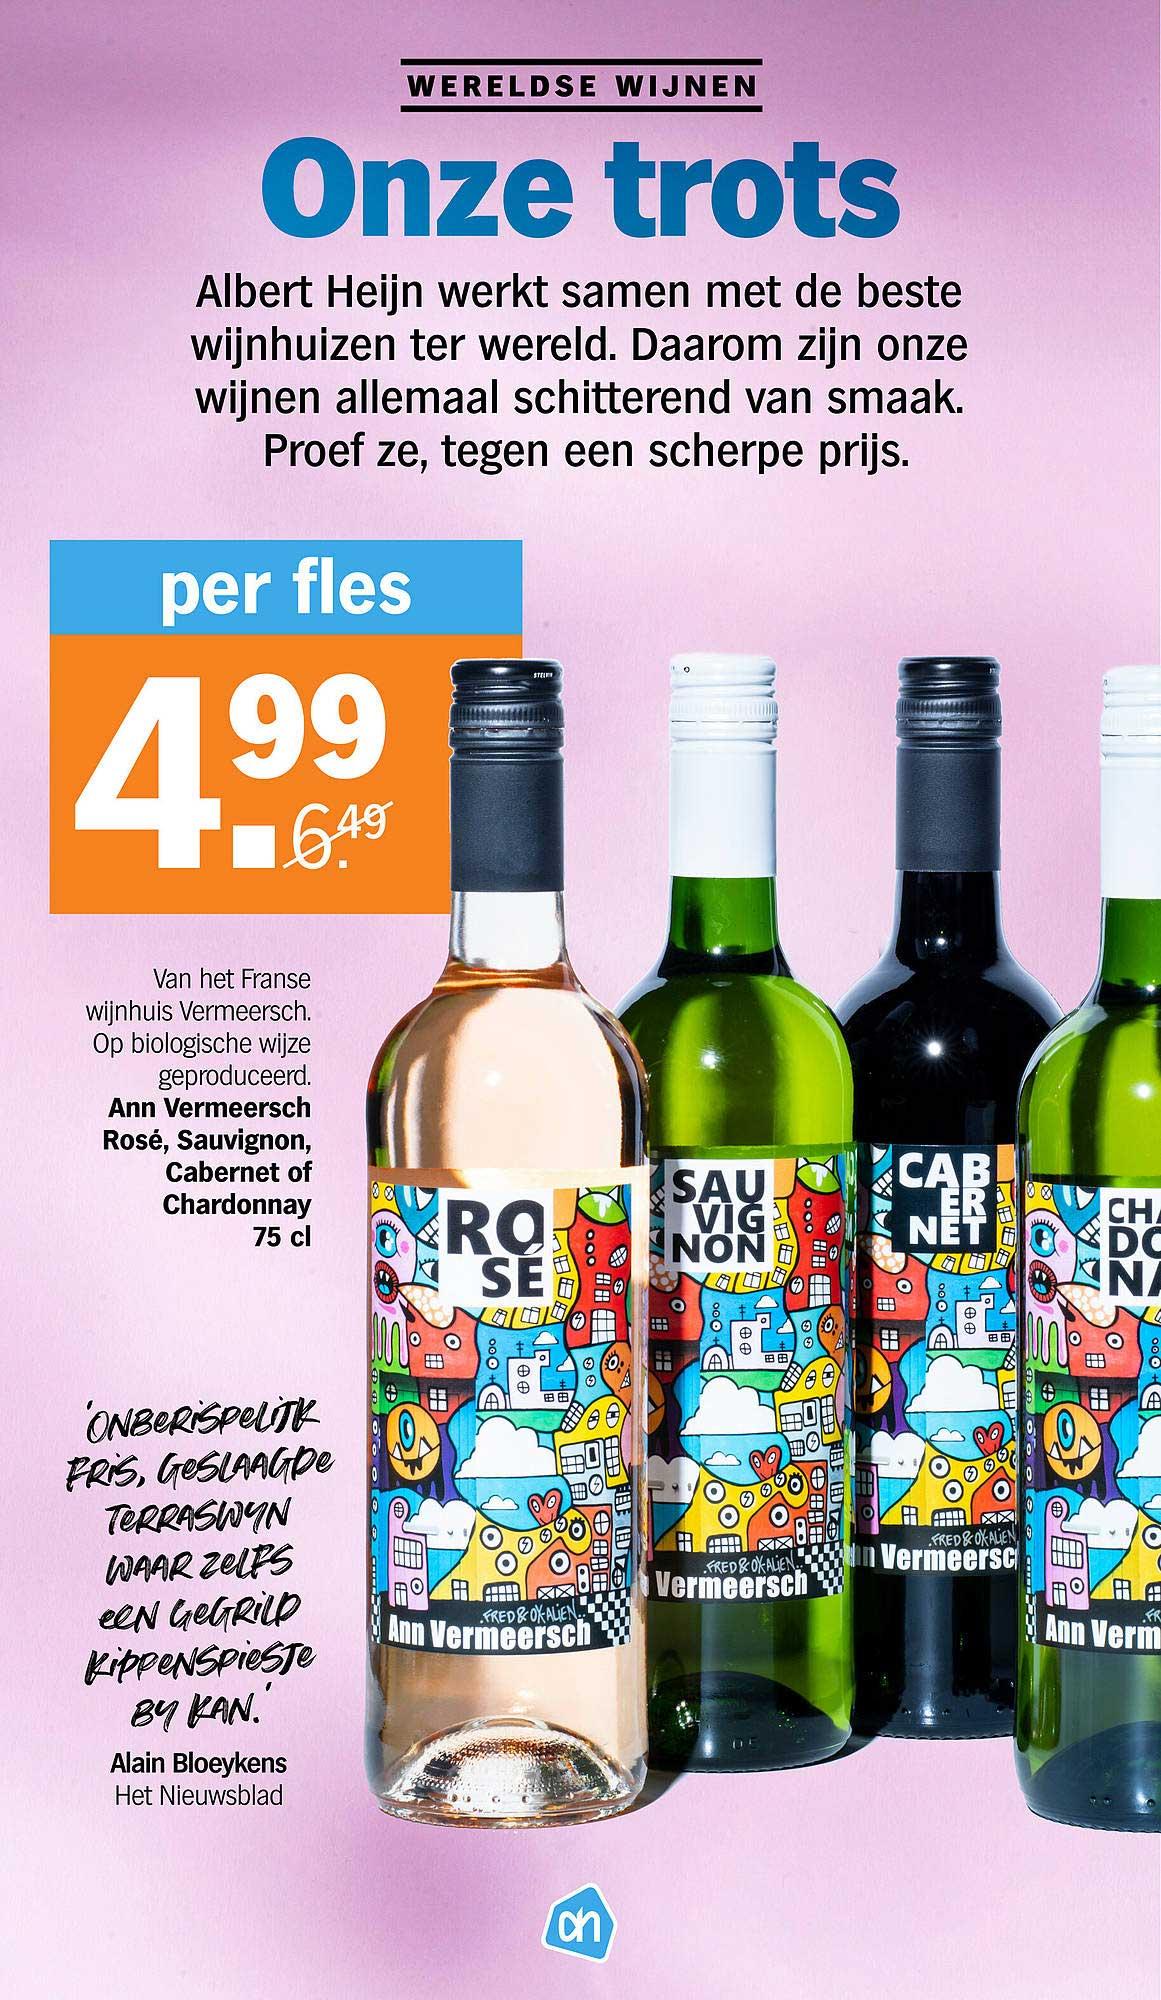 Albert Heijn Ann Vermeersch Rose, Sauvignon, Cabernet Of Chardonnay